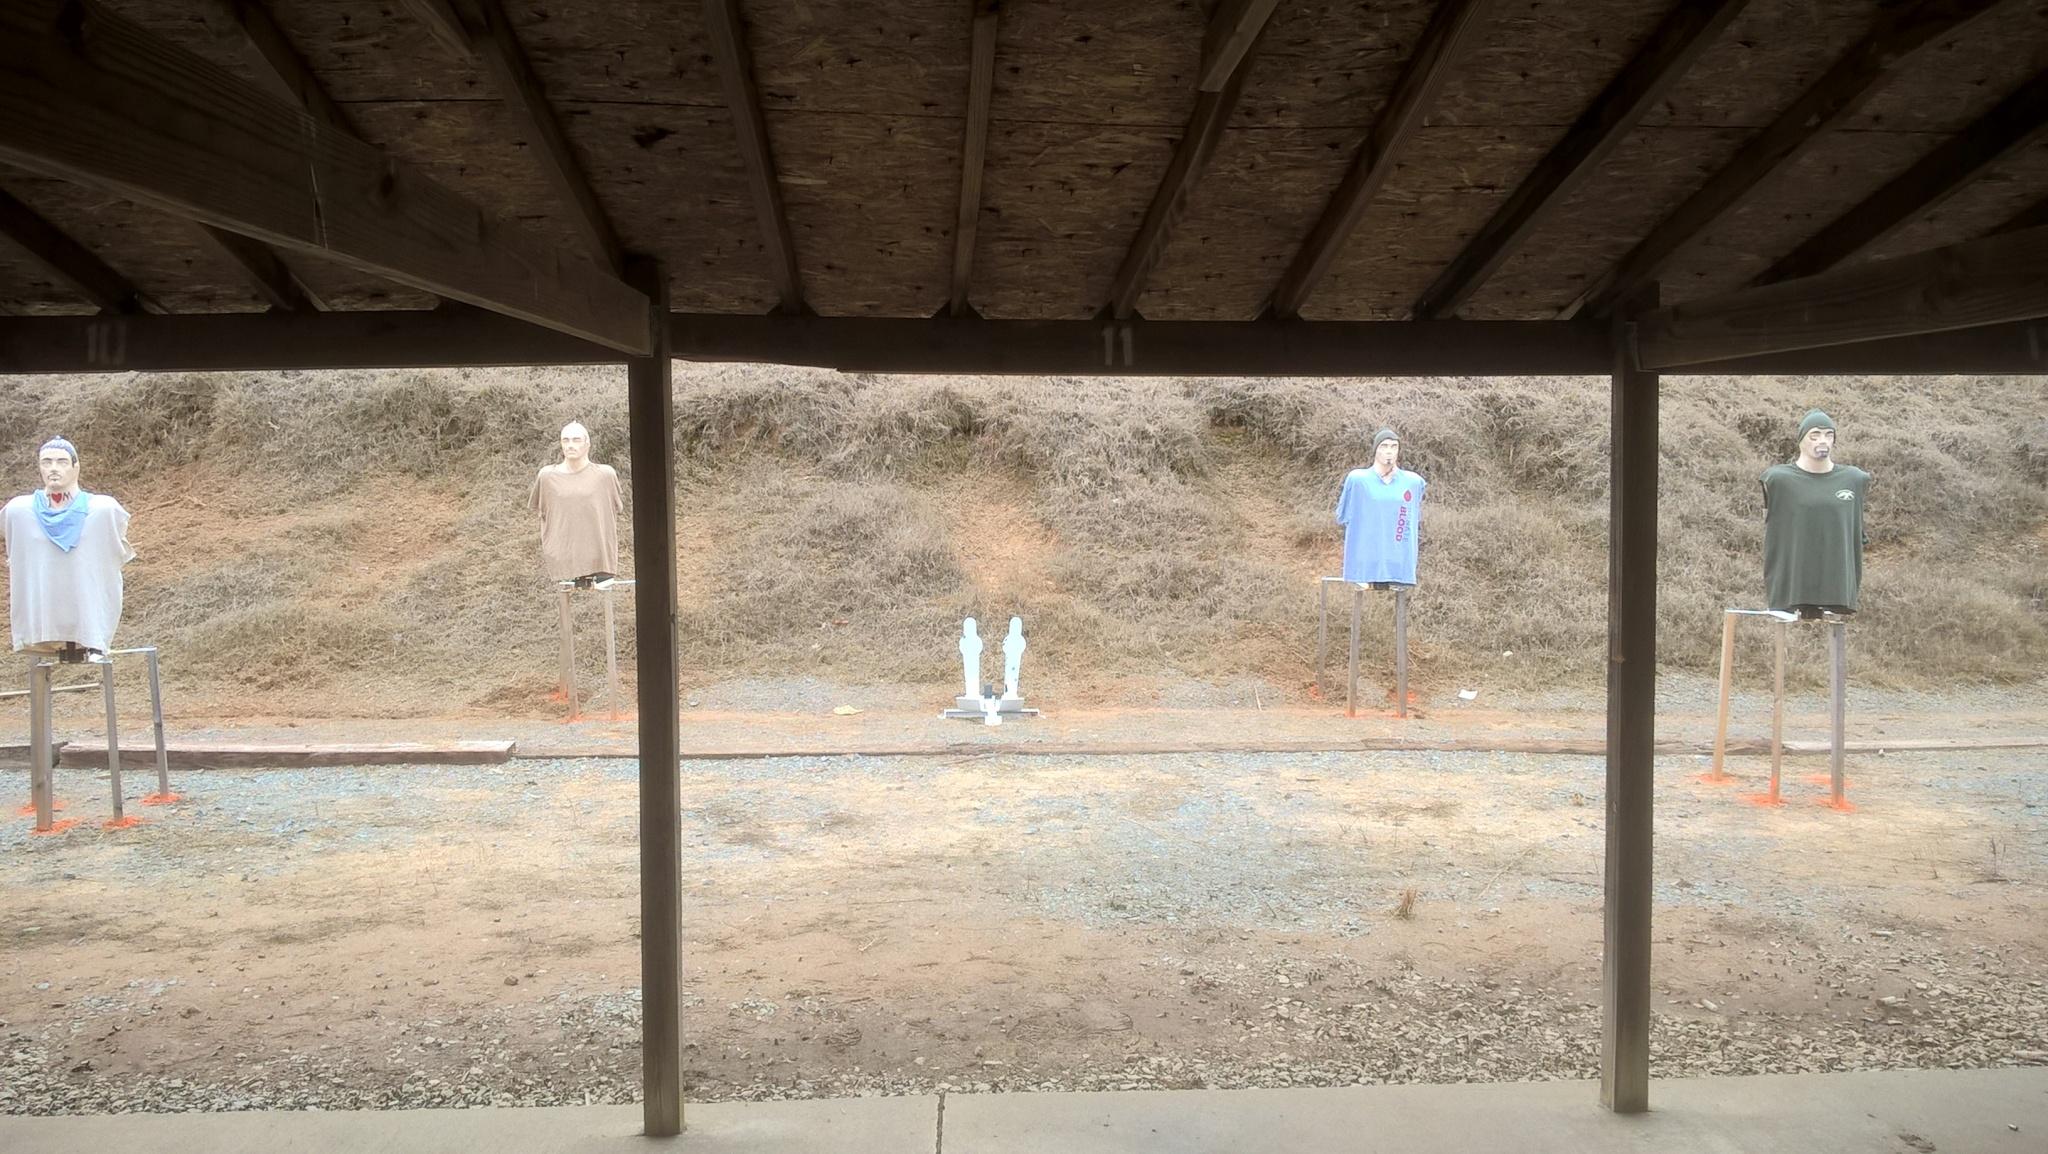 Shootoff array